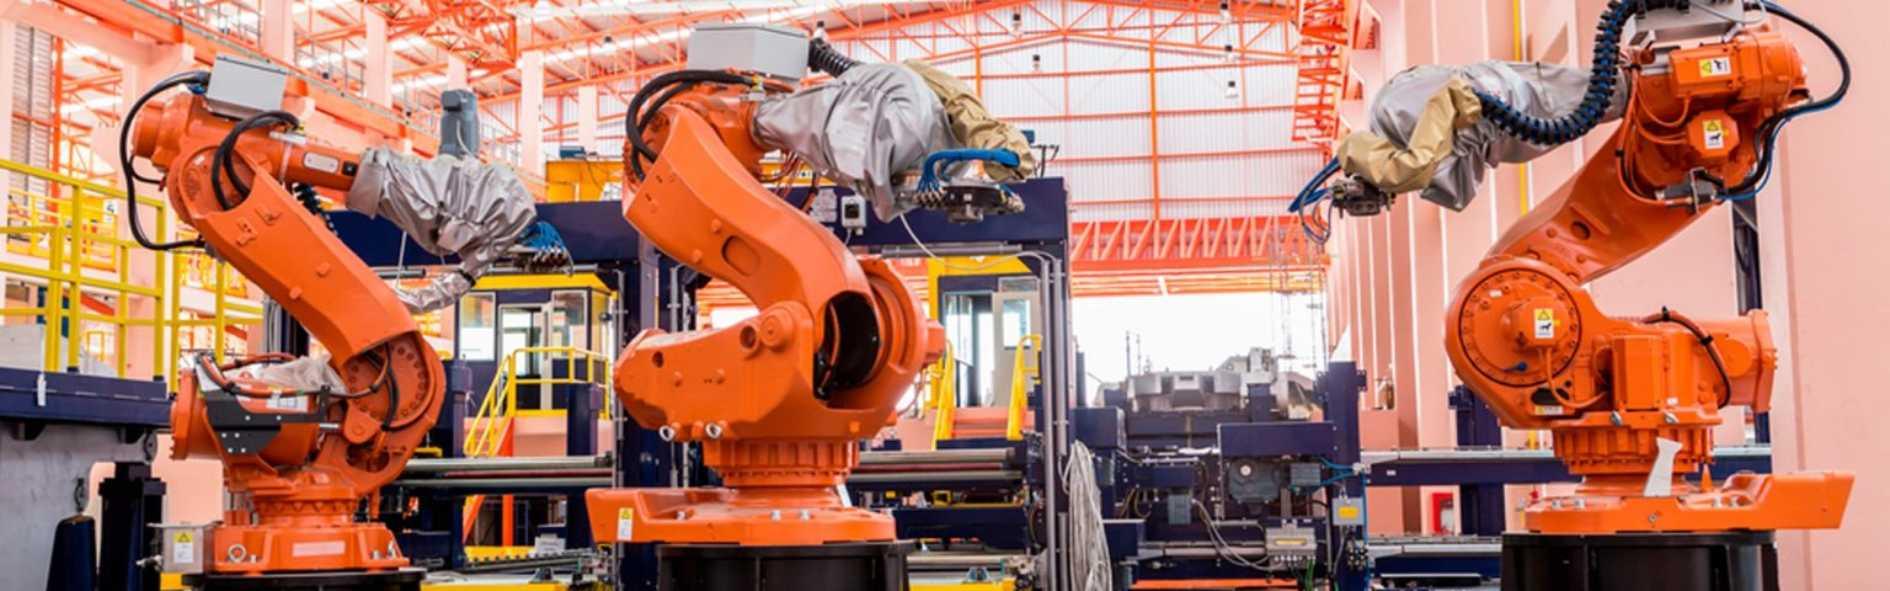 Descubre los robots industriales y sus ventajas en la producción industrial